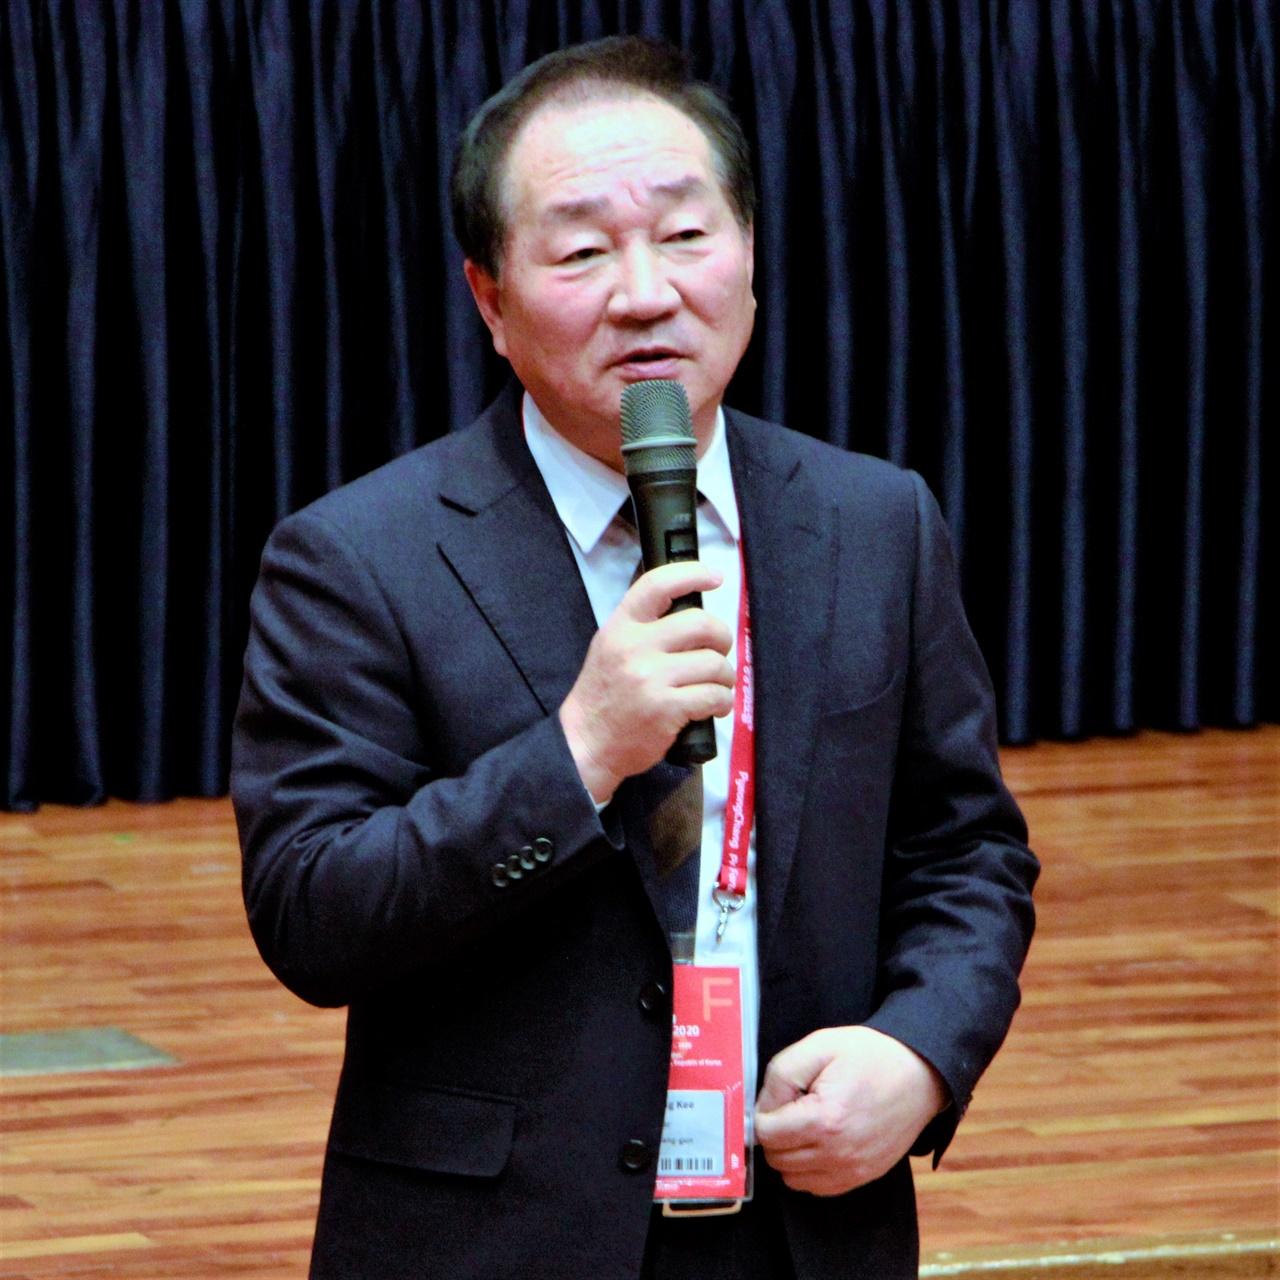 2020 평창평화포럼 '평창올림픽 유산과 스포츠와 관광 발전방안' 섹션에서 한왕기 평창군수가 마무리 발언하고 있다.